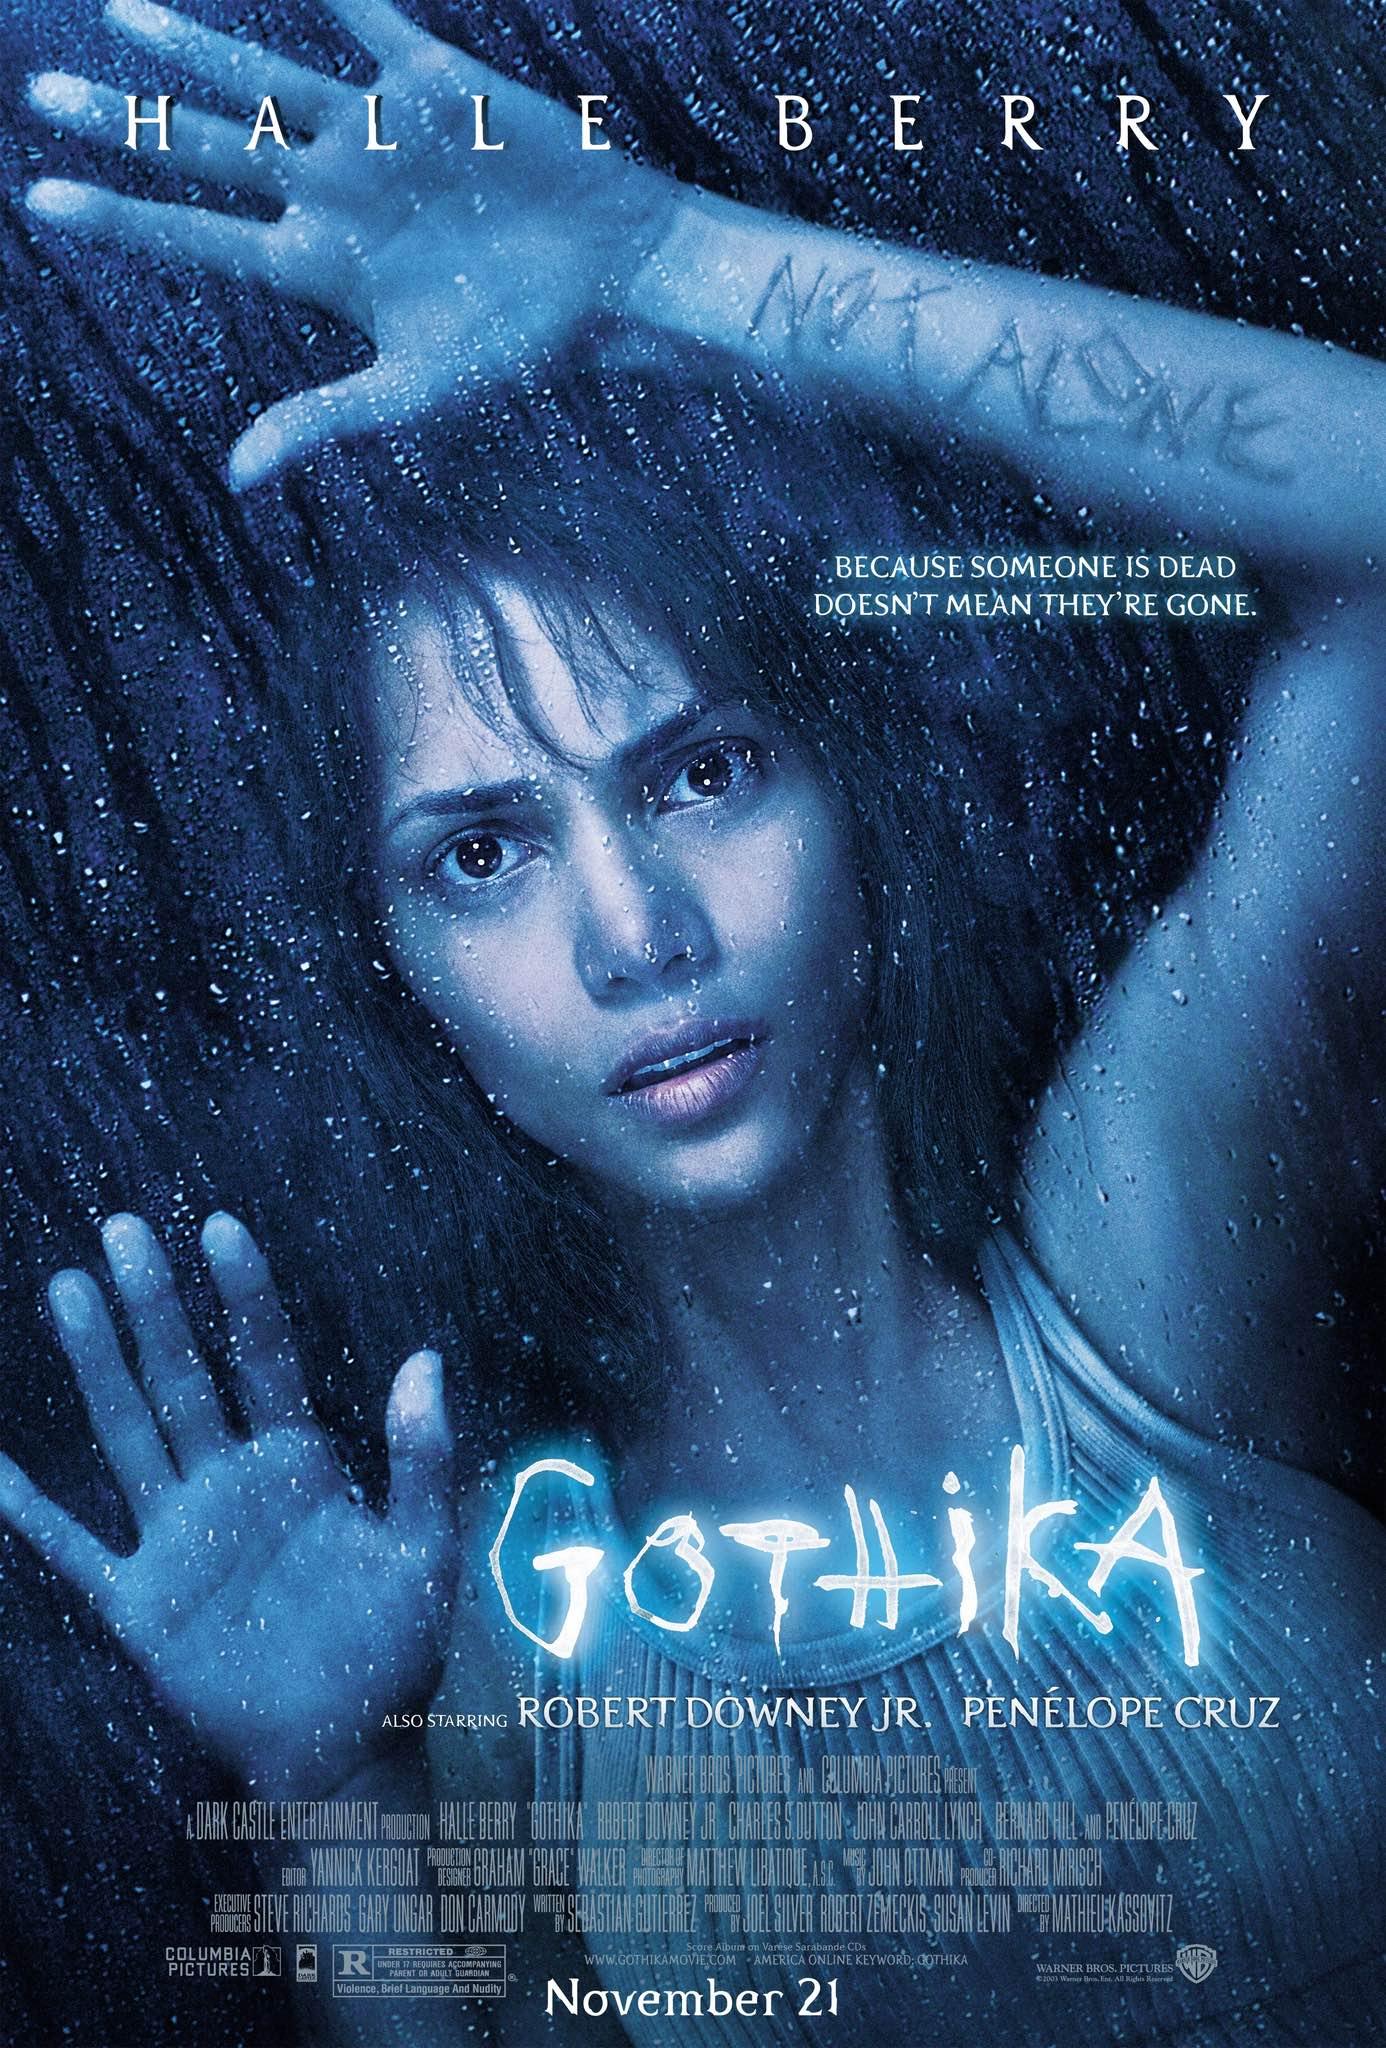 Poster for Gothika